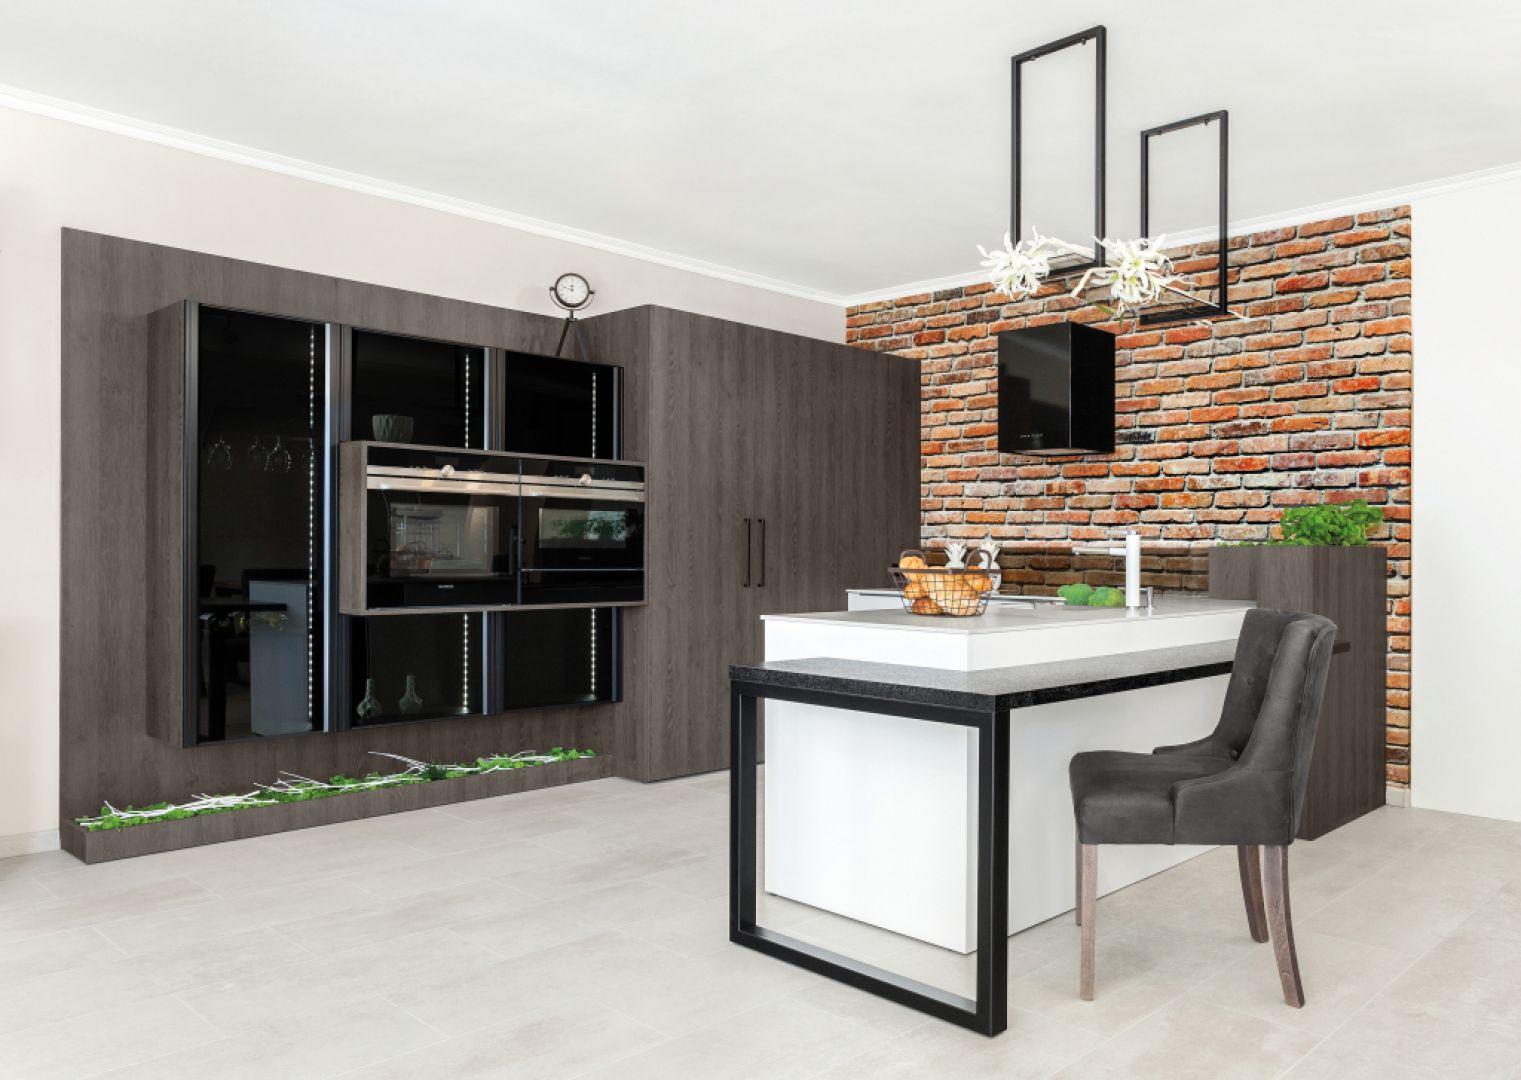 Montując fronty akrylowe w kuchni zyskujemy doświetlenie przestrzeni – szczególnie, jeżeli wybierzemy wersję z połyskiem – kuchnia będzie wydawać się większa i